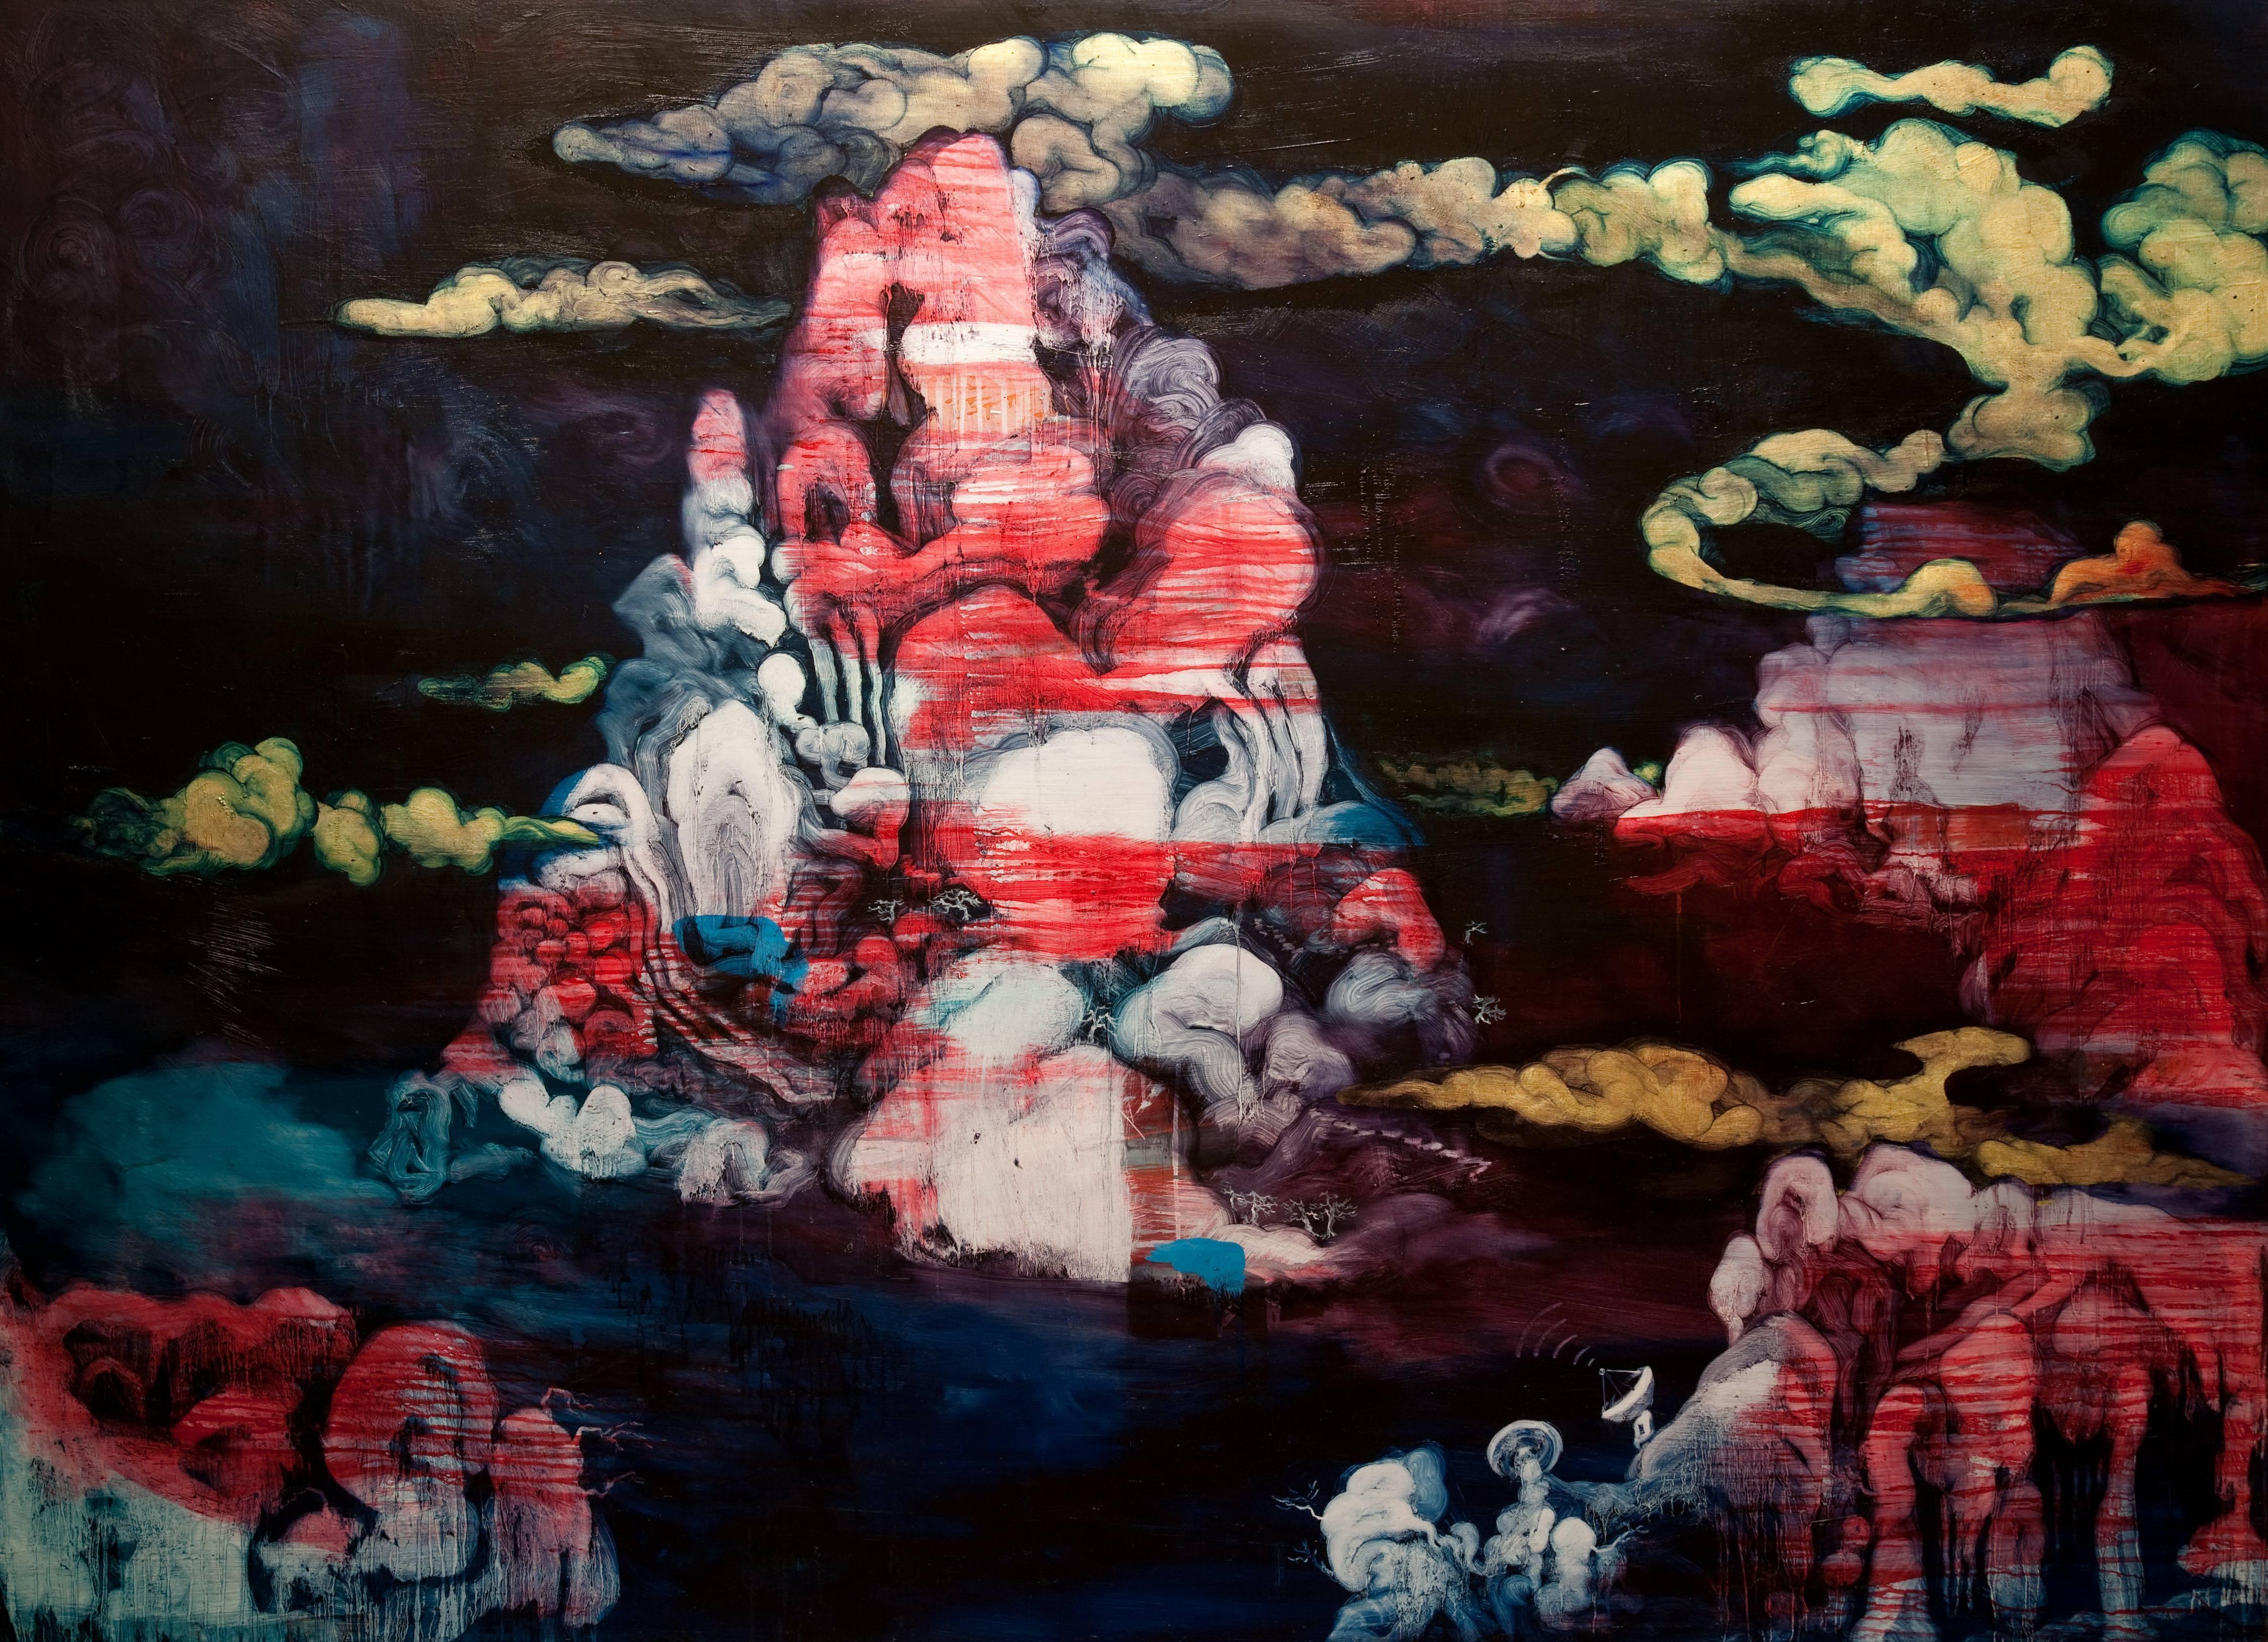 常陵 五花肉系列-肉宗教-祕境仙島 2009 油彩 200x145cm